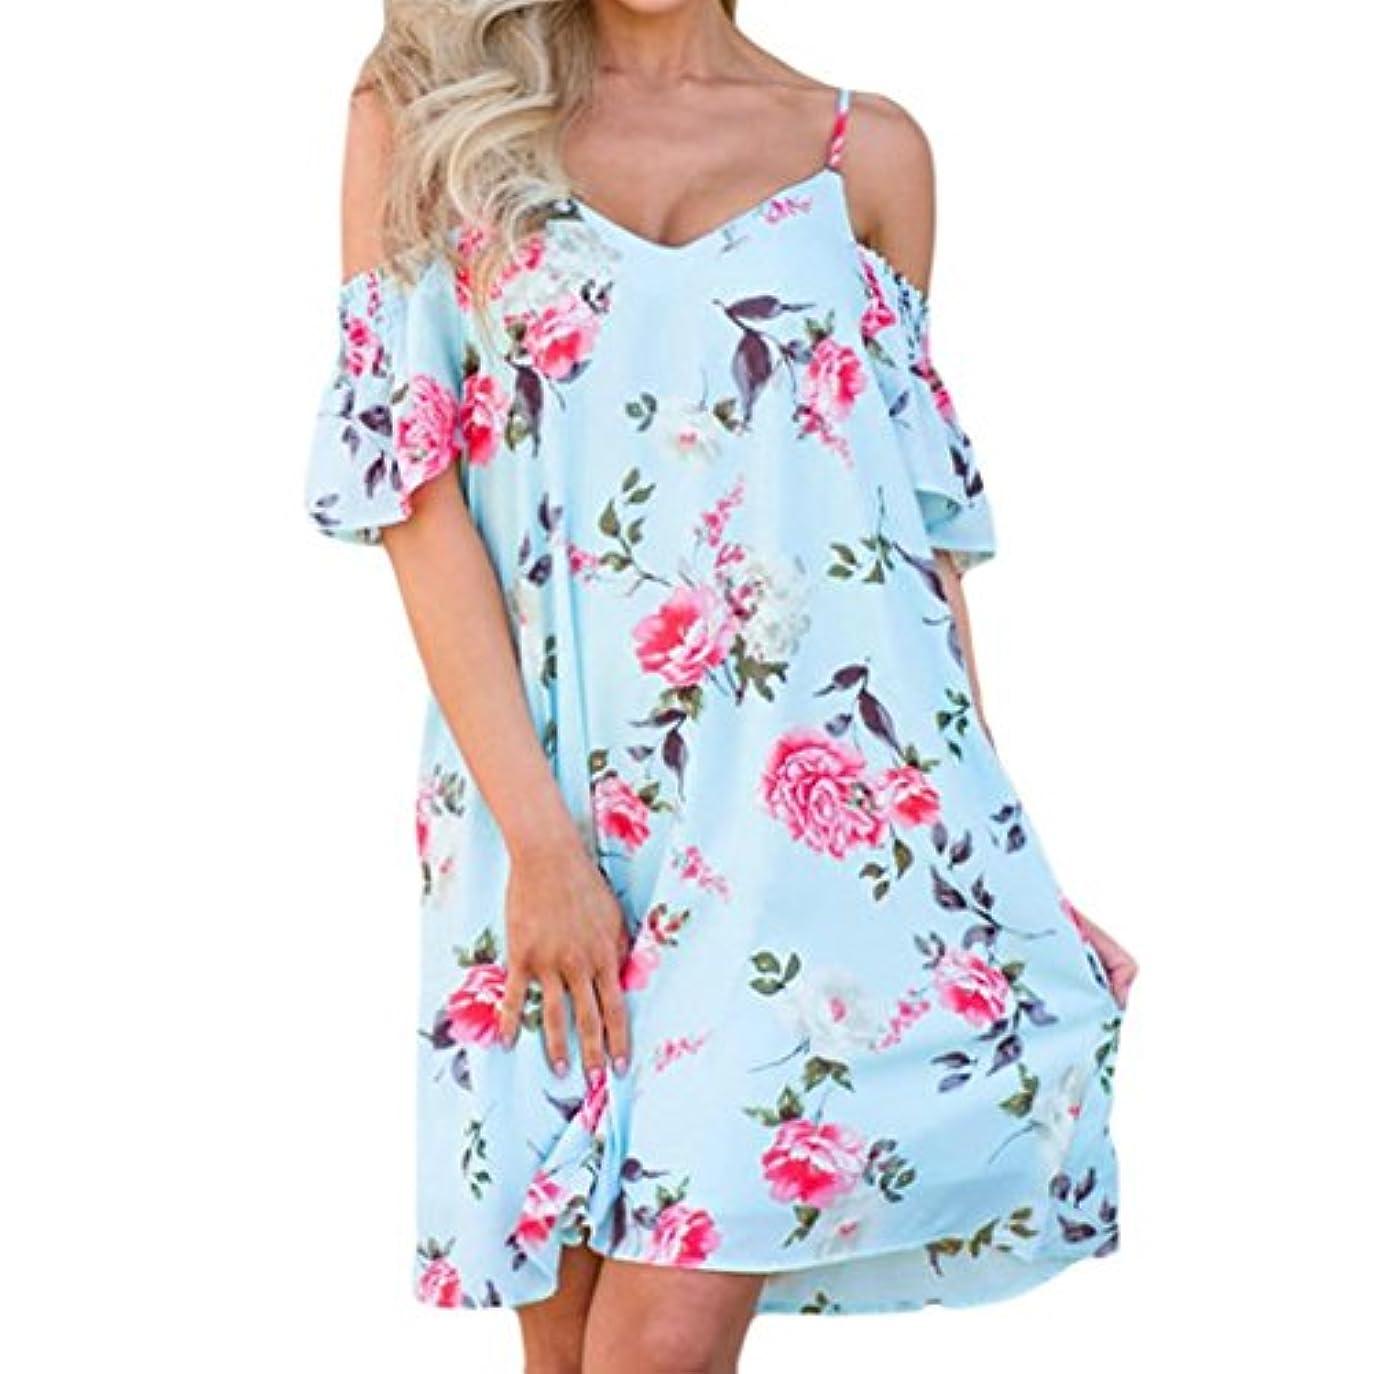 目指す周り誰かSakuraBest Women's Summer Print Spaghetti Strap Flounce Loose Swing Midi Dress (XL, Blue)